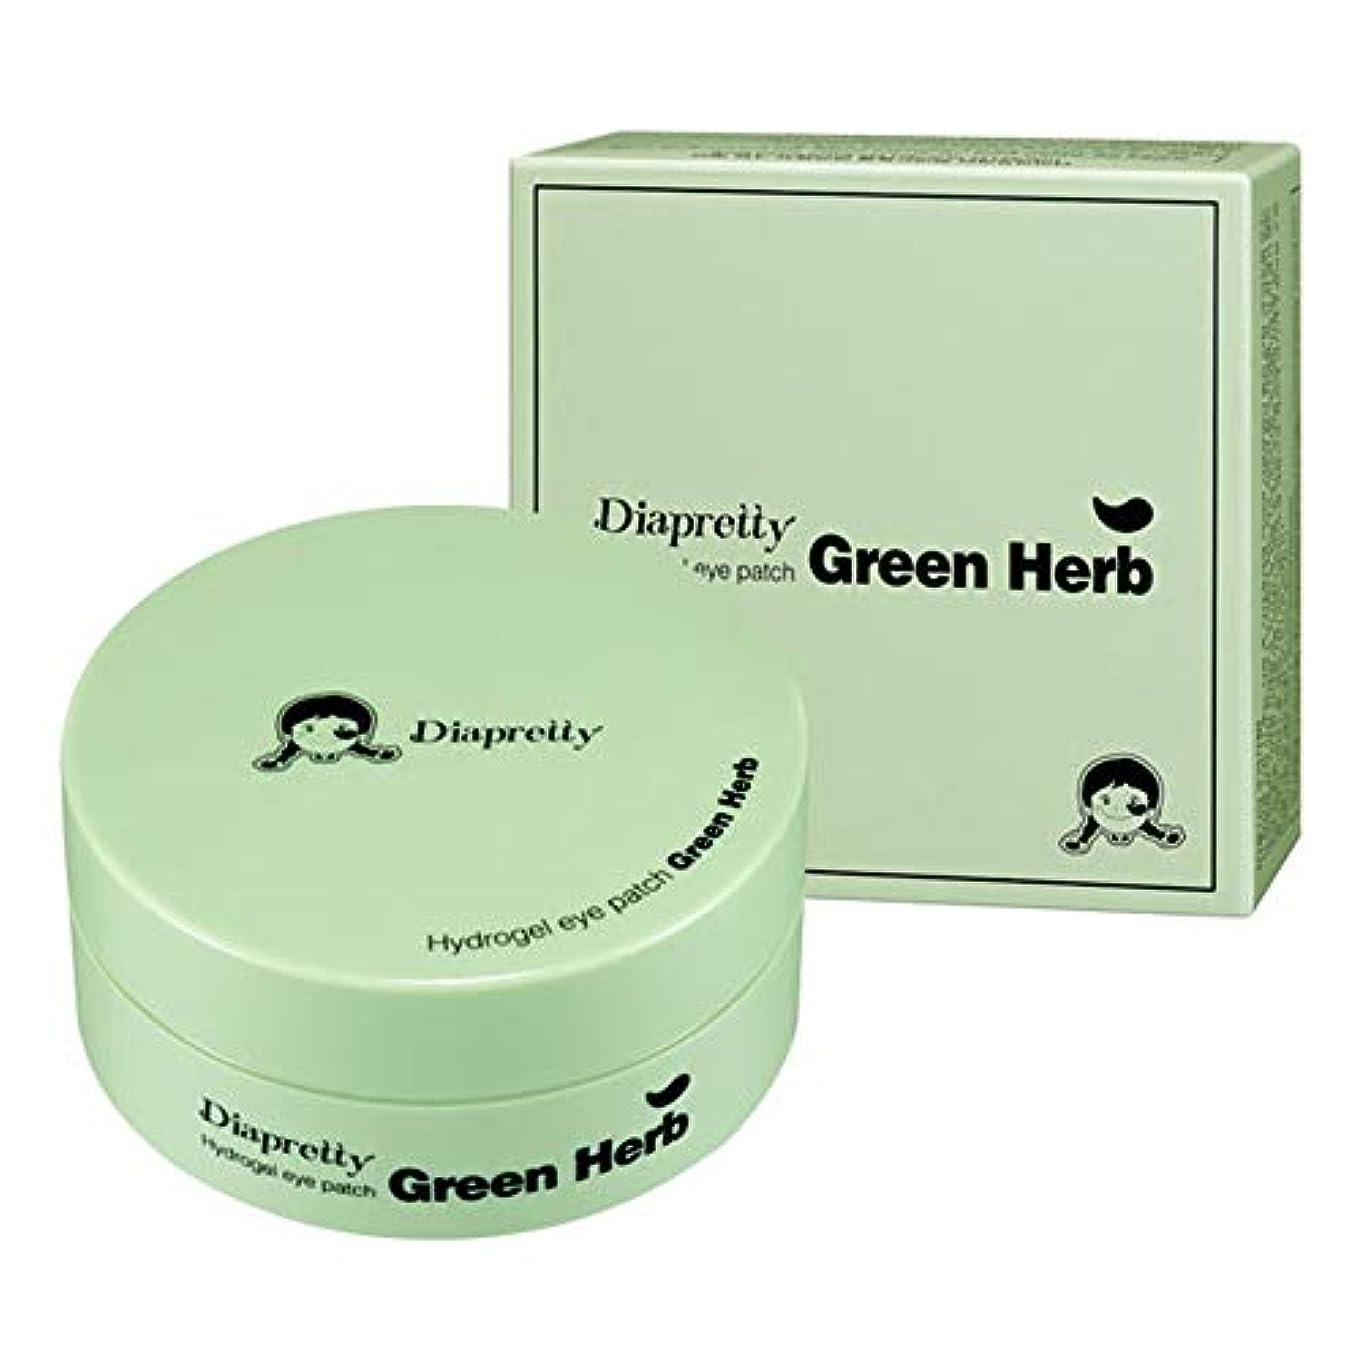 [ダイアプリティ] ハイドロゲルア イパッチ (Greeen Herb) 60枚, [Diapretty] Hydrogel Eyepatch(Green Herb) 60pieces